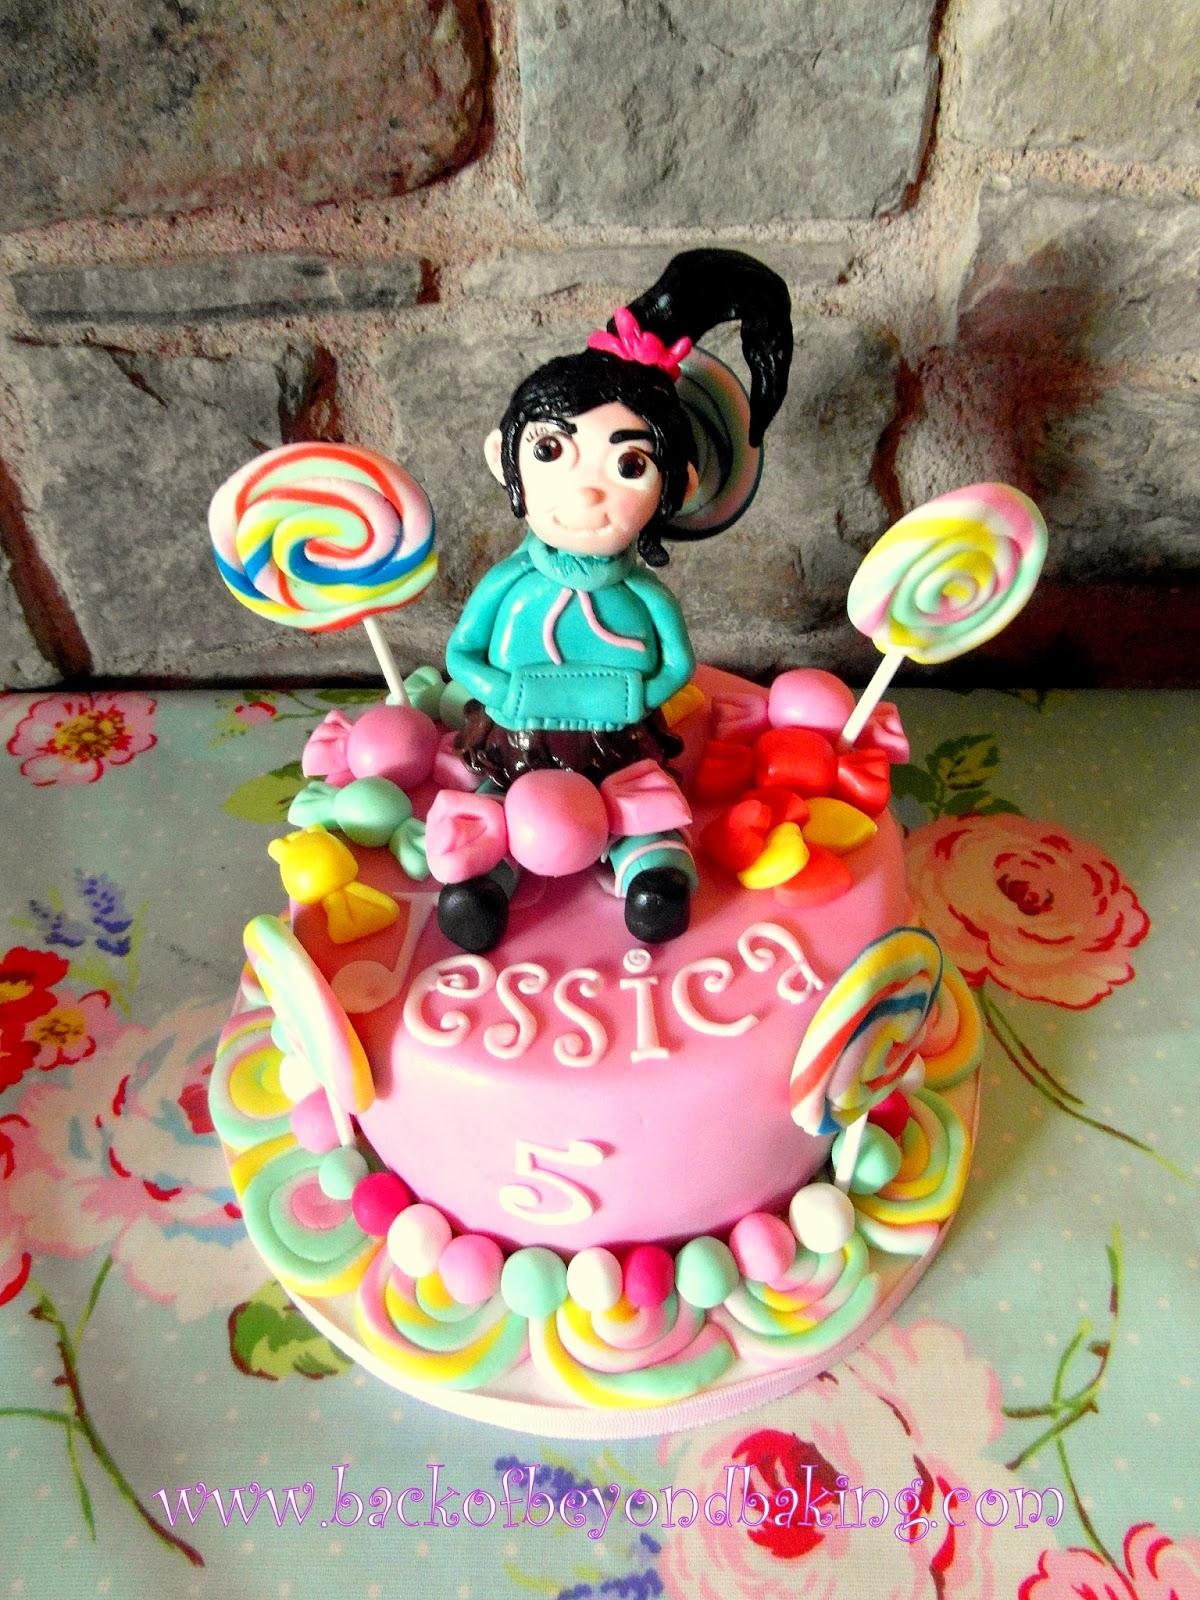 Vanellope von sweetz cake